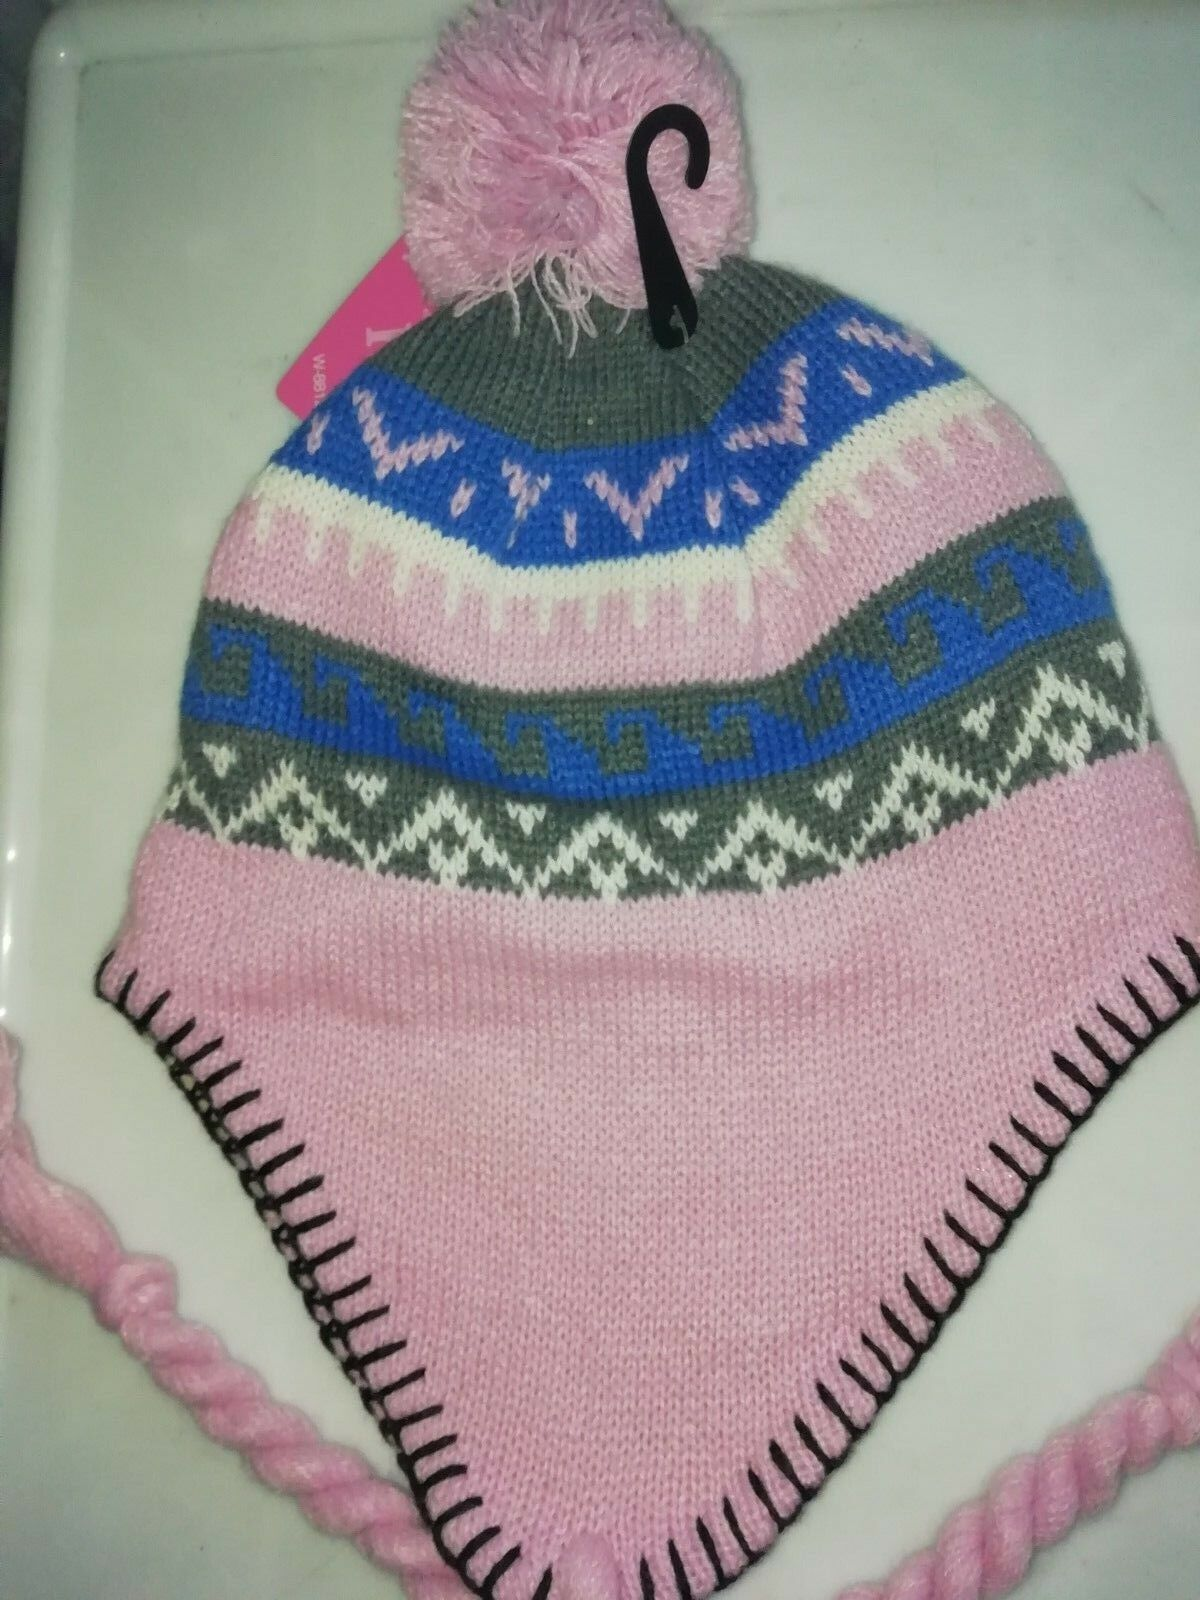 ladies Woolly peruvian Beanie Hat NEPALESE PERUVIAN WOOLLEN FLEECE LINED HAT